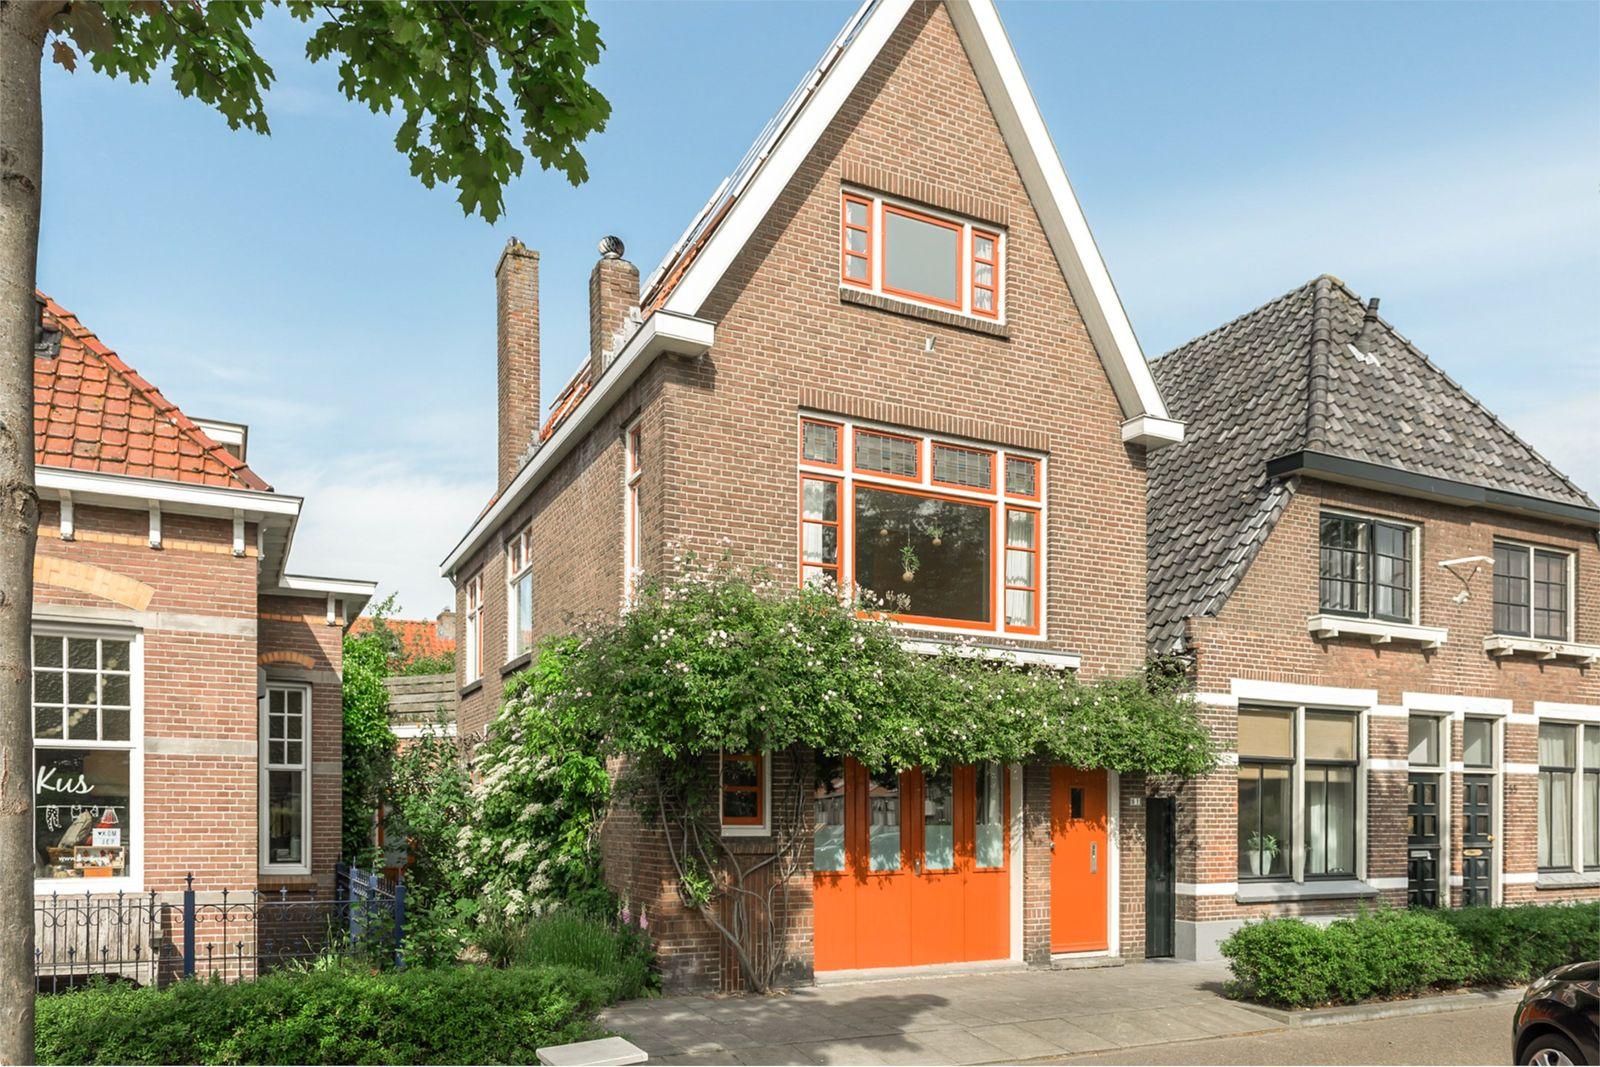 Steenwijkerstraatweg 51- 51A, Meppel